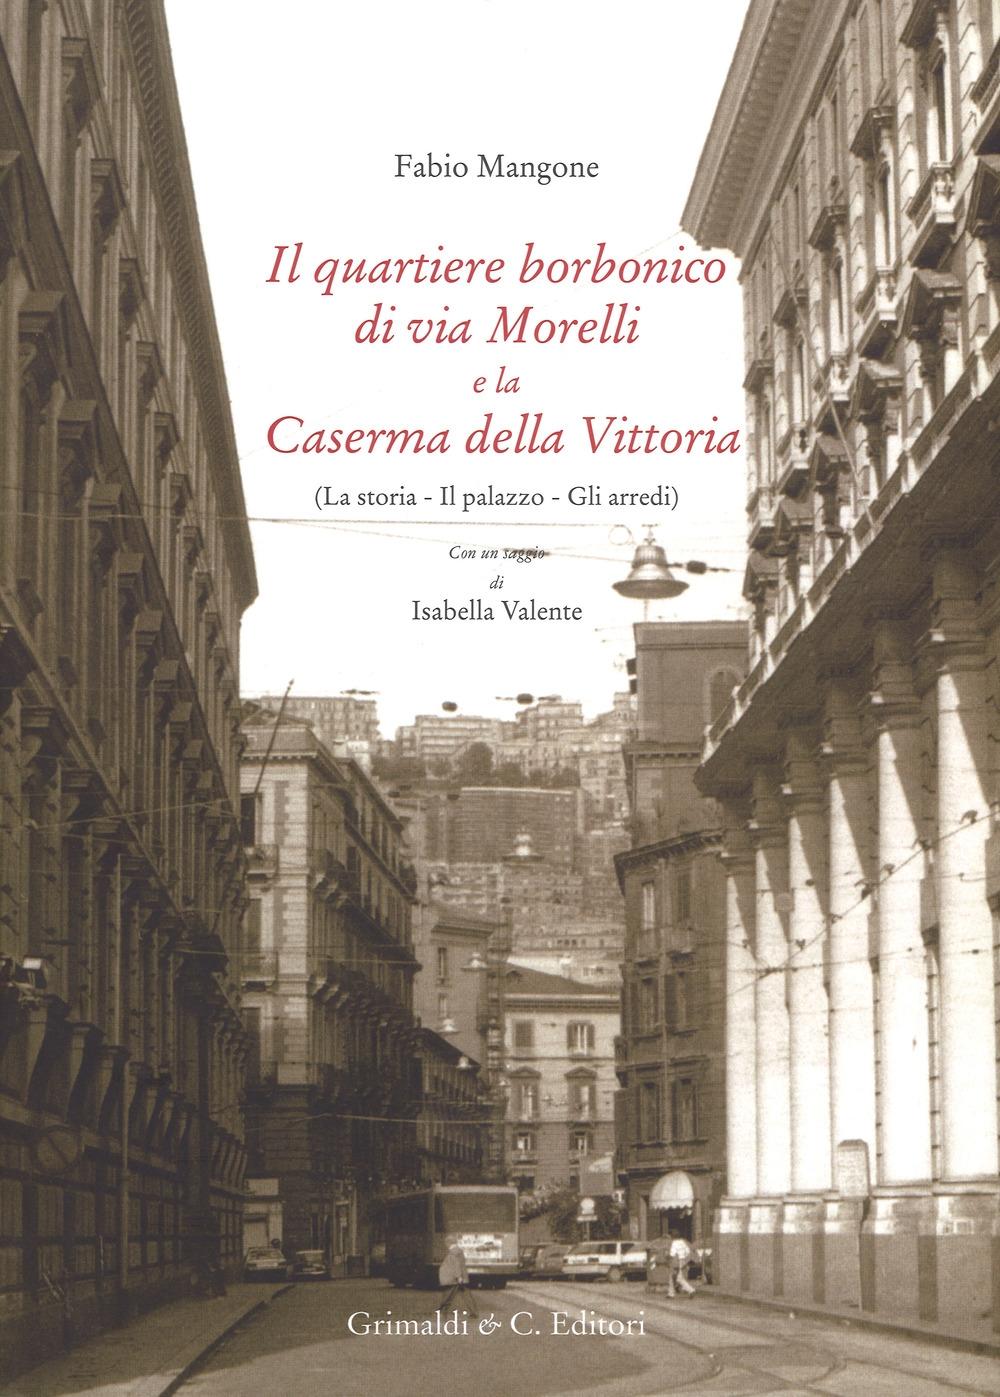 Il quartiere borbonico di via Morelli e la Caserma della Vittoria. La storia, il palazzo, gli arredi